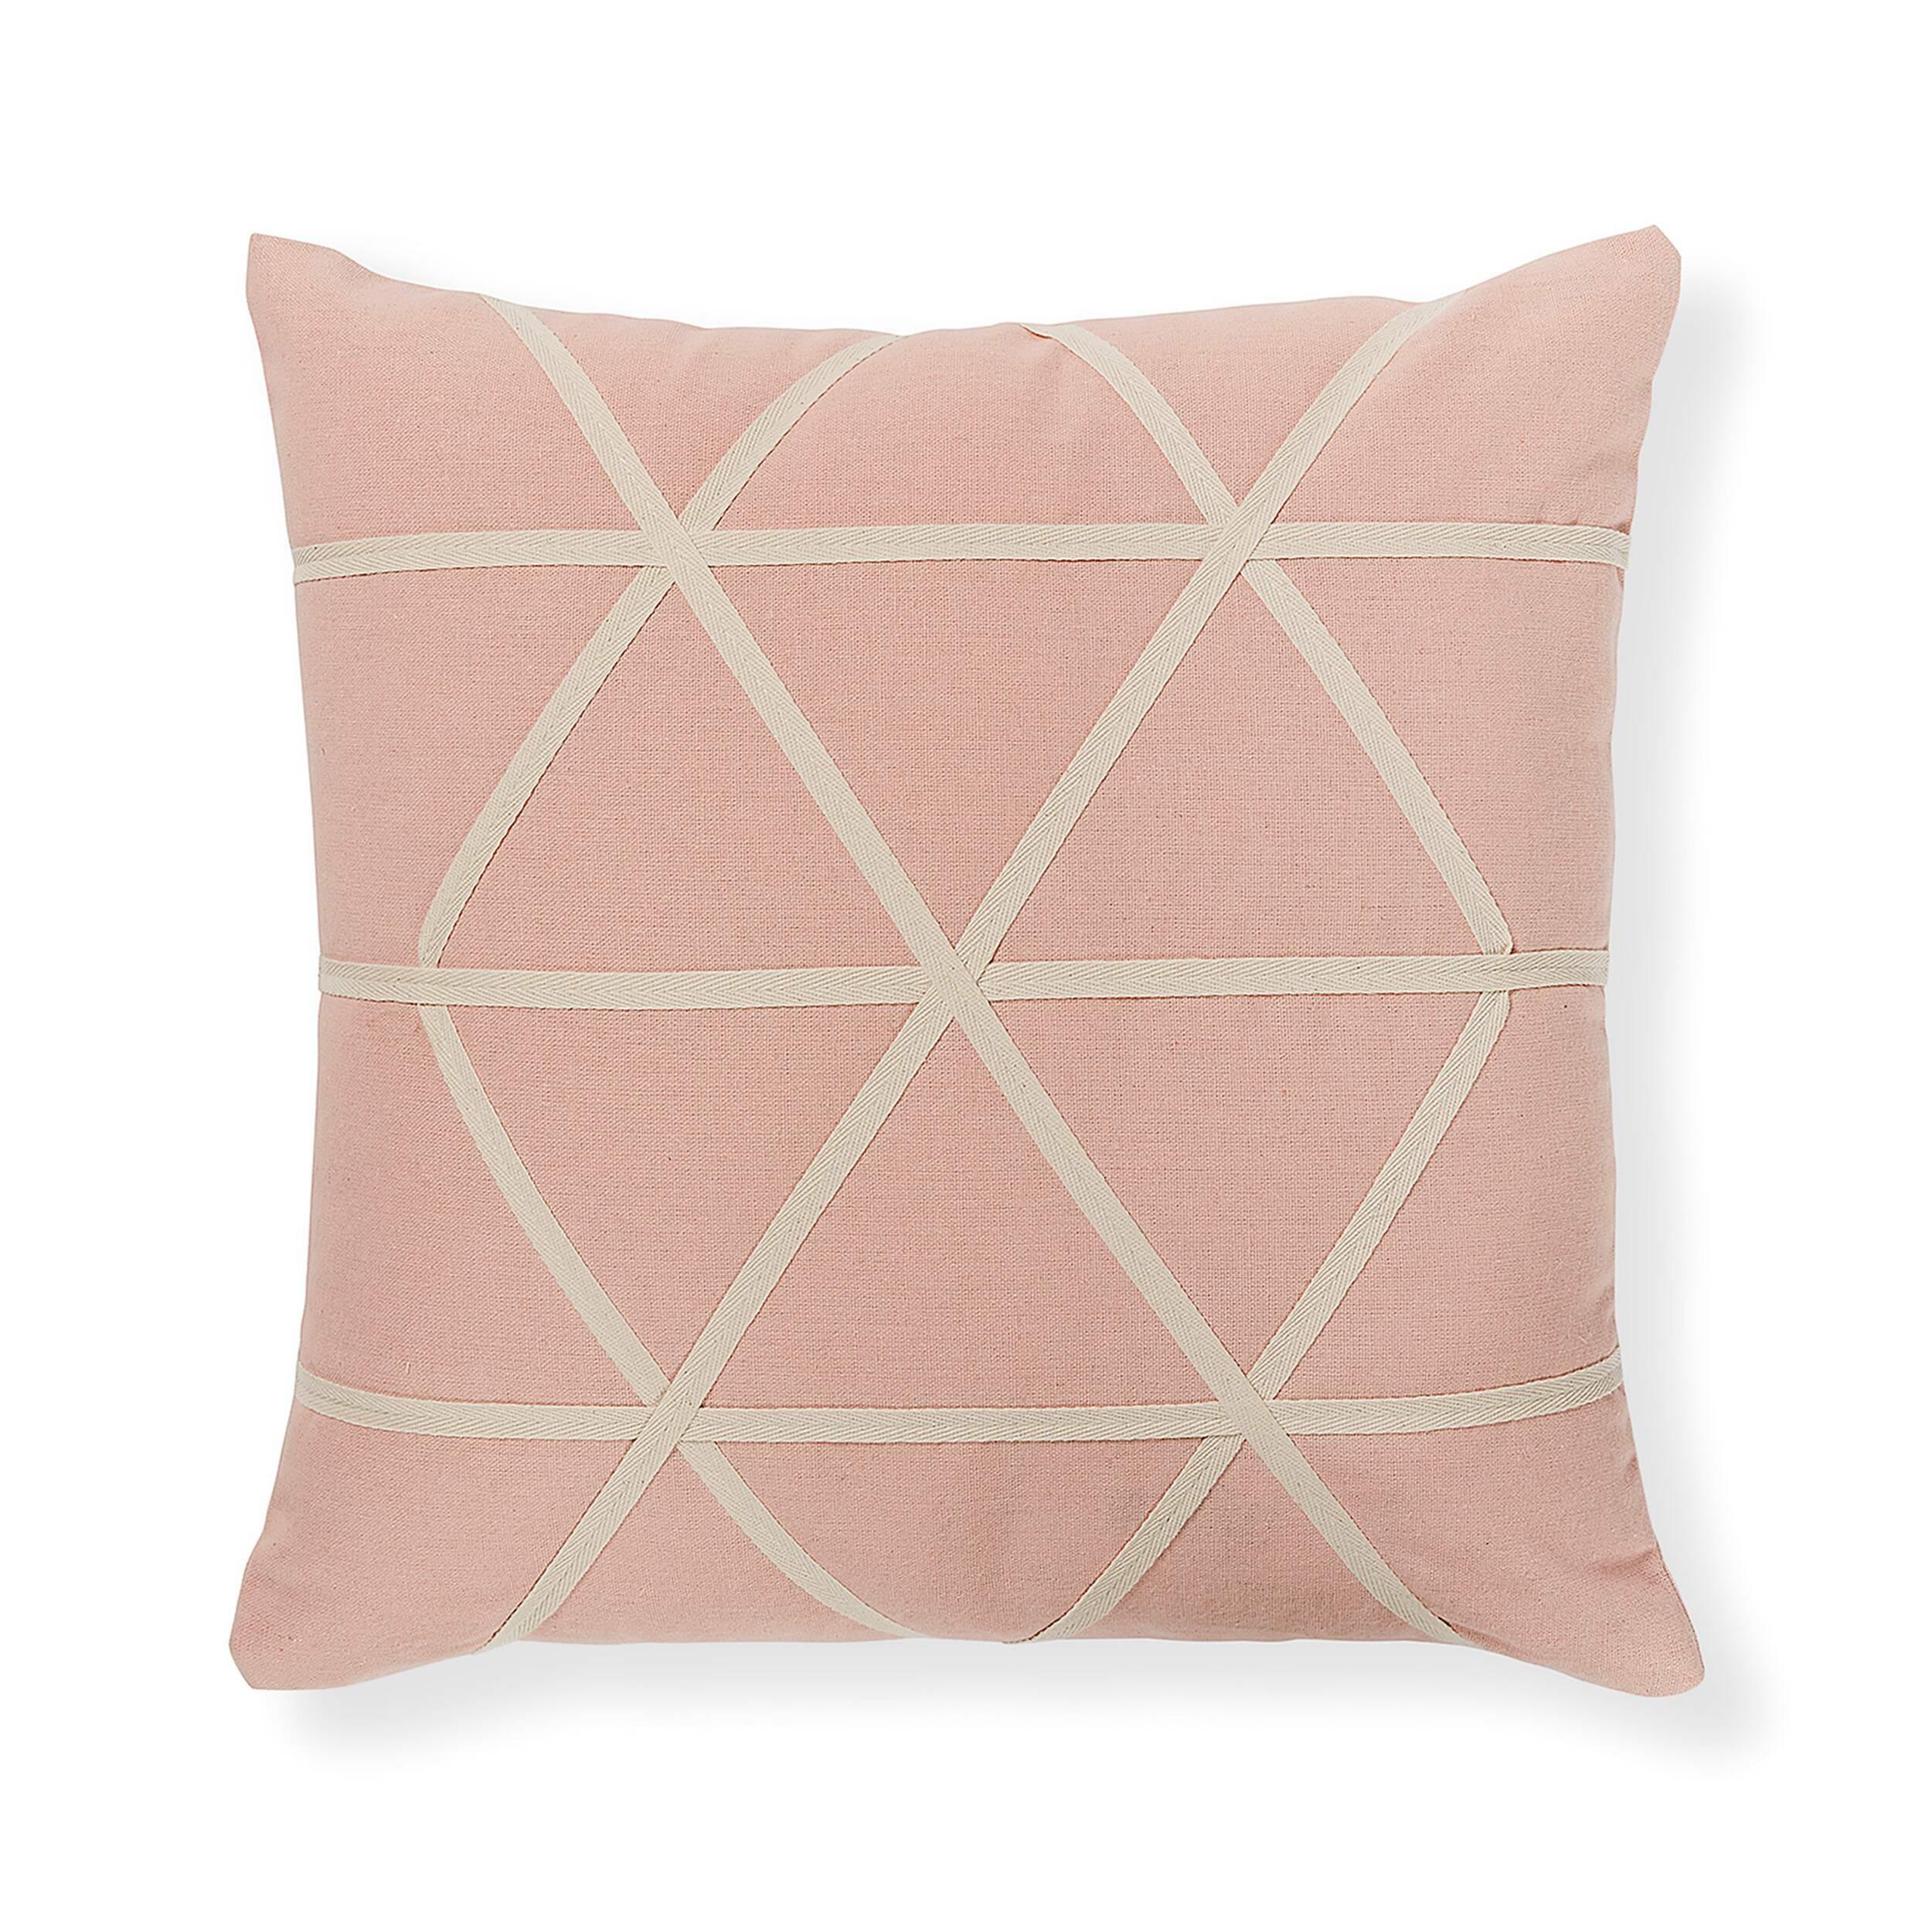 Купить Подушка YUMI 45x45 розовый, Julia Grup, Розовый, Полиэстер, Хлопок